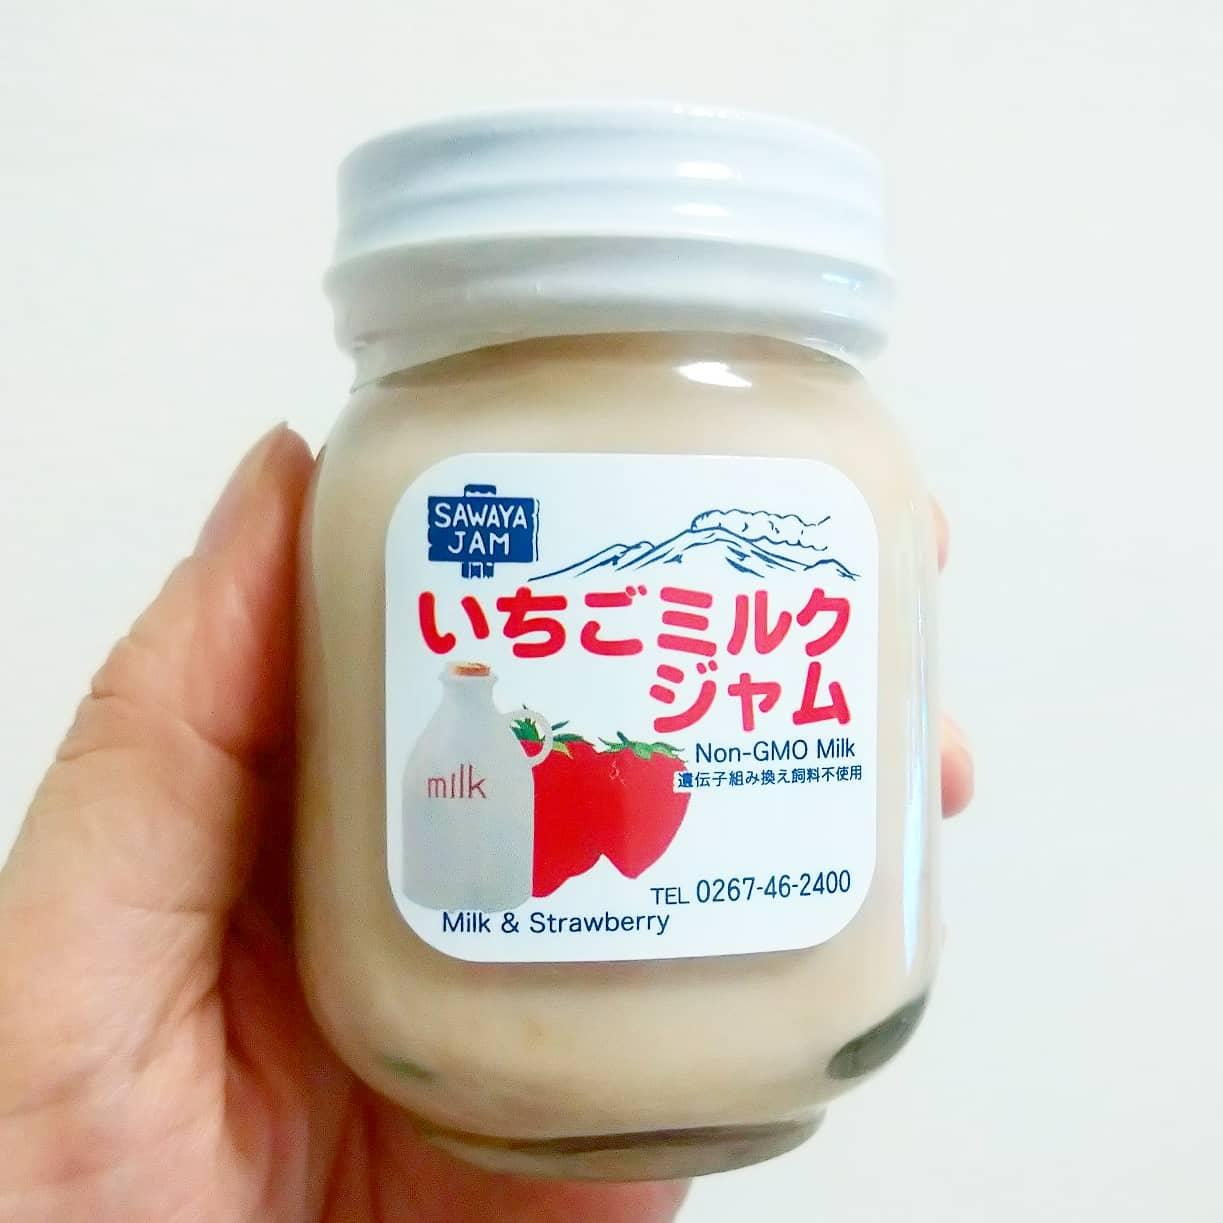 #いちごミルクラブ #沢屋 #いちごミルクジャム 謎イチゴ系-☆---本物イチゴ系甘さ強め系-☆---控え目系こってり系-☆---さっぱり系超ミルク系--☆--生クリーム系おもいで度--☆-- #侍猫度直で食べると練乳苺だね。ジャムだけあって激甘で超うまい!うっかりプリンのごとくスプーンですくって、パクパクいっちまいそうになりそう…てかなるやつ。原材料に謎の添加物が入ってないこだわりっぷりを感じるお高い味だね!軽井沢のお土産だね#いちごオレ #いちごオレ味 #いちごミルク #いちごミルクみたい #いちご牛乳 #いちご牛乳味 #イチゴ牛乳 #いちご牛乳クラブ #苺牛乳 #苺牛乳が好き #苺ミルク #苺スイーツ #苺 #苺好きに生まれたからには #メソギア派 #糖分 #いちごミルク味 #スイーツ #スイーツ好き #スイーツスタグラム #スイーツタイム #スイーツ写真 #strawberry #strawberrymilk